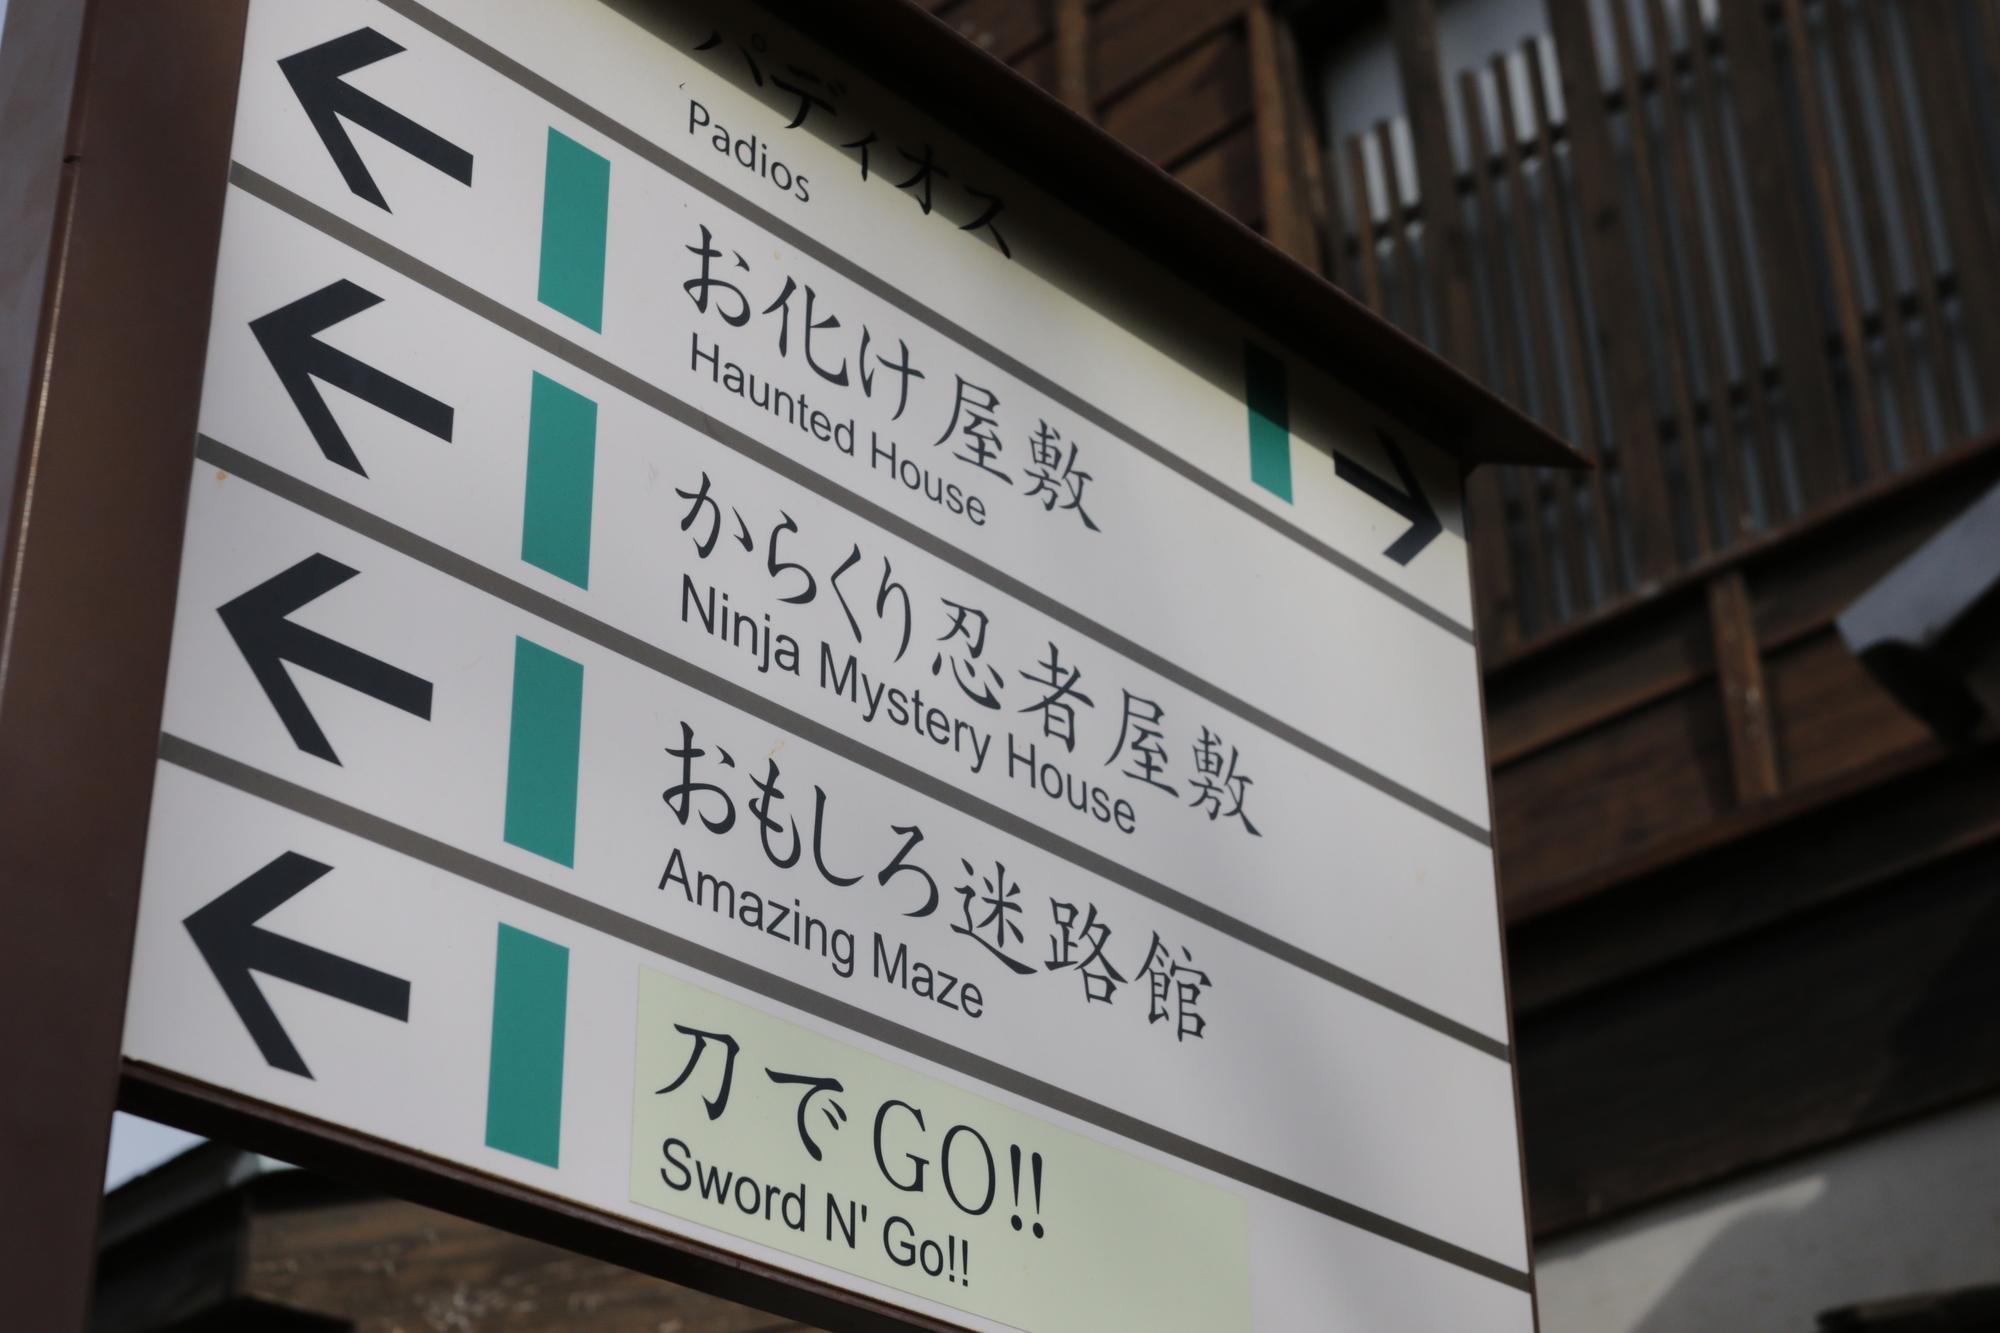 様々なアトラクションへの看板/東映太秦映画村(京都府/京都市)